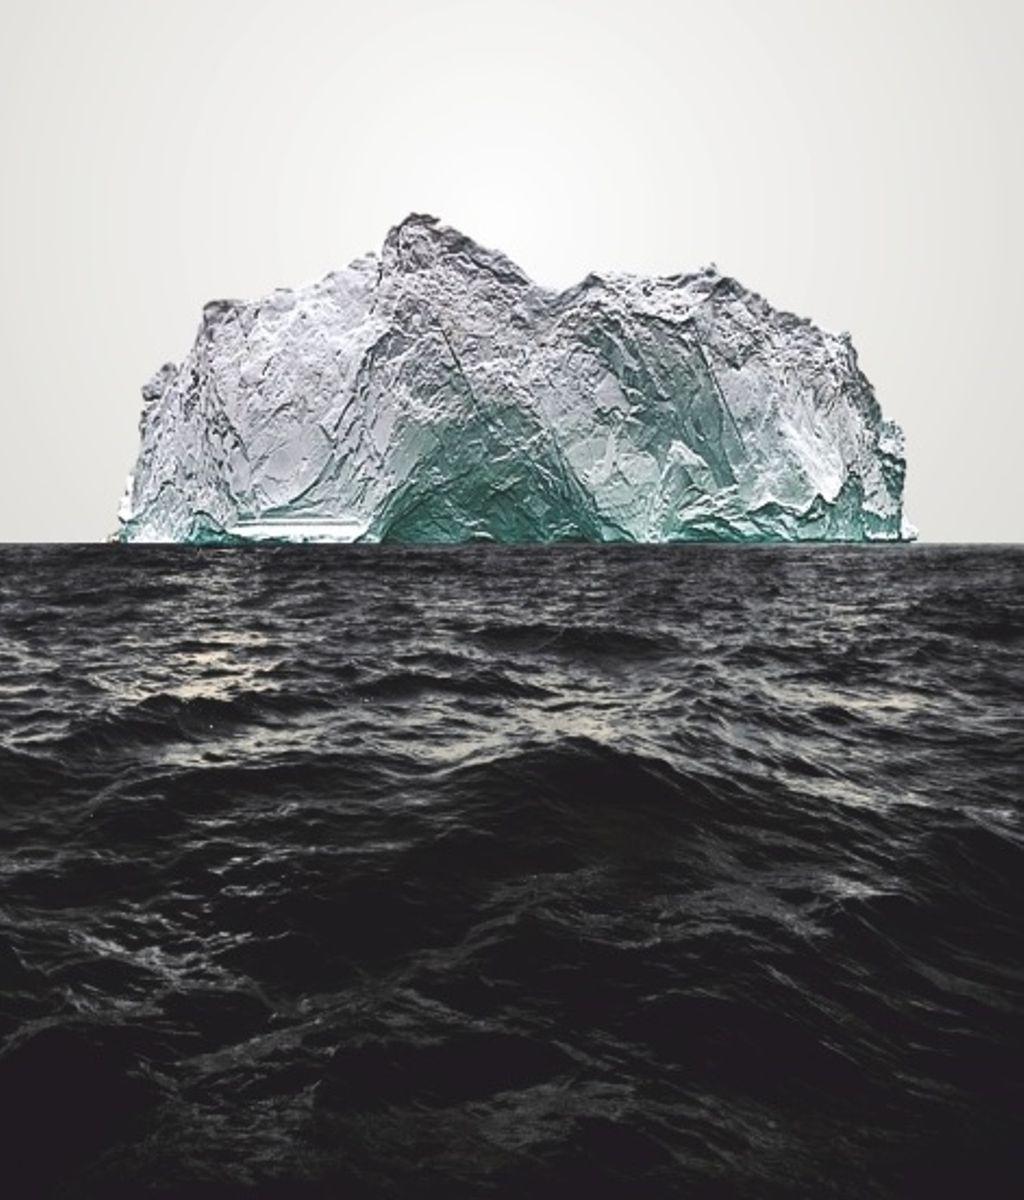 Штора для ванной комнаты Vanstore Айсберг, с кольцами, 180 х 180 см620-20Штора Vanstore Айсберг выполнена из полиэстера и оформлена изображением айсберга в океане. Она надежно защитит от брызг и капель пространство вашей ванной комнаты в то время, пока вы принимаете душ. В верхней кромке шторы предусмотрены отверстия для пластиковых колец (входят в комплект).Привлекательный дизайн шторы наполнит вашу ванную комнату положительной энергией. Количество колец: 12 шт.Плотность: 100 г/м2.